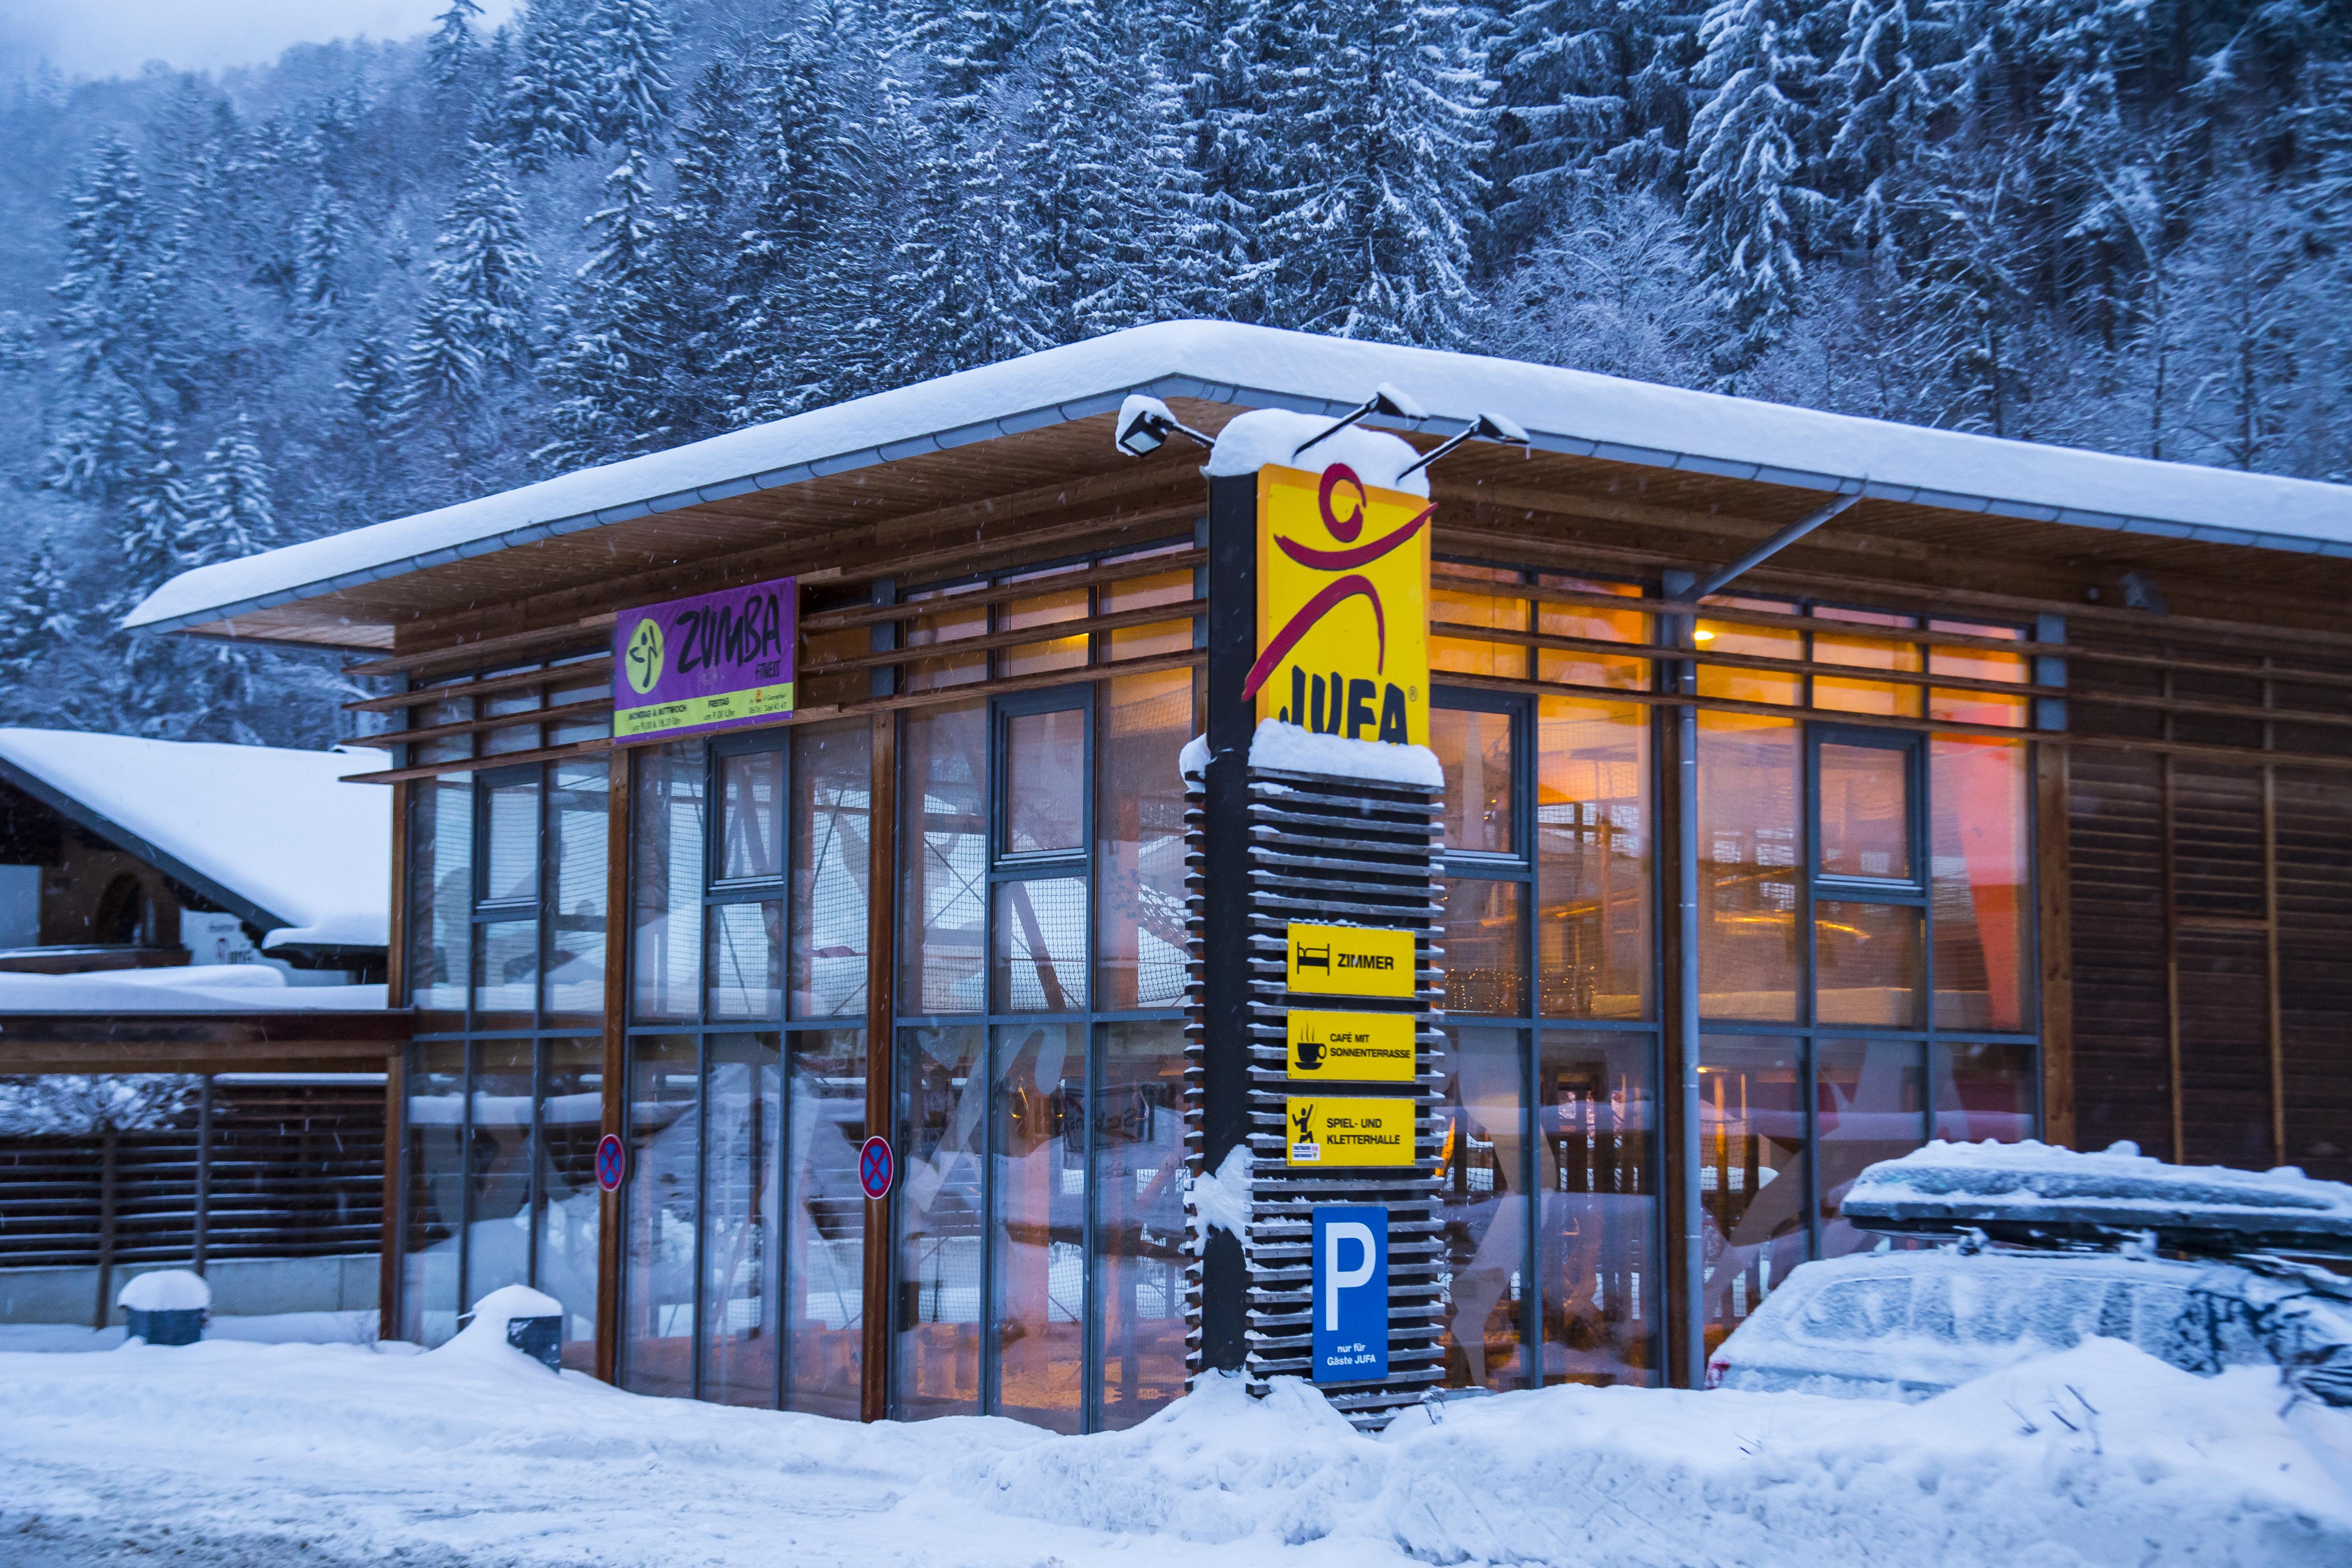 Aussenansicht des Spielereichs im JUFA Hotel Montafon mit JUFA Säule im Winter. Das JUFA Hotel Montafon ist der Ort für erholsamen Familienurlaub und einen unvergesslichen Winterurlaub.